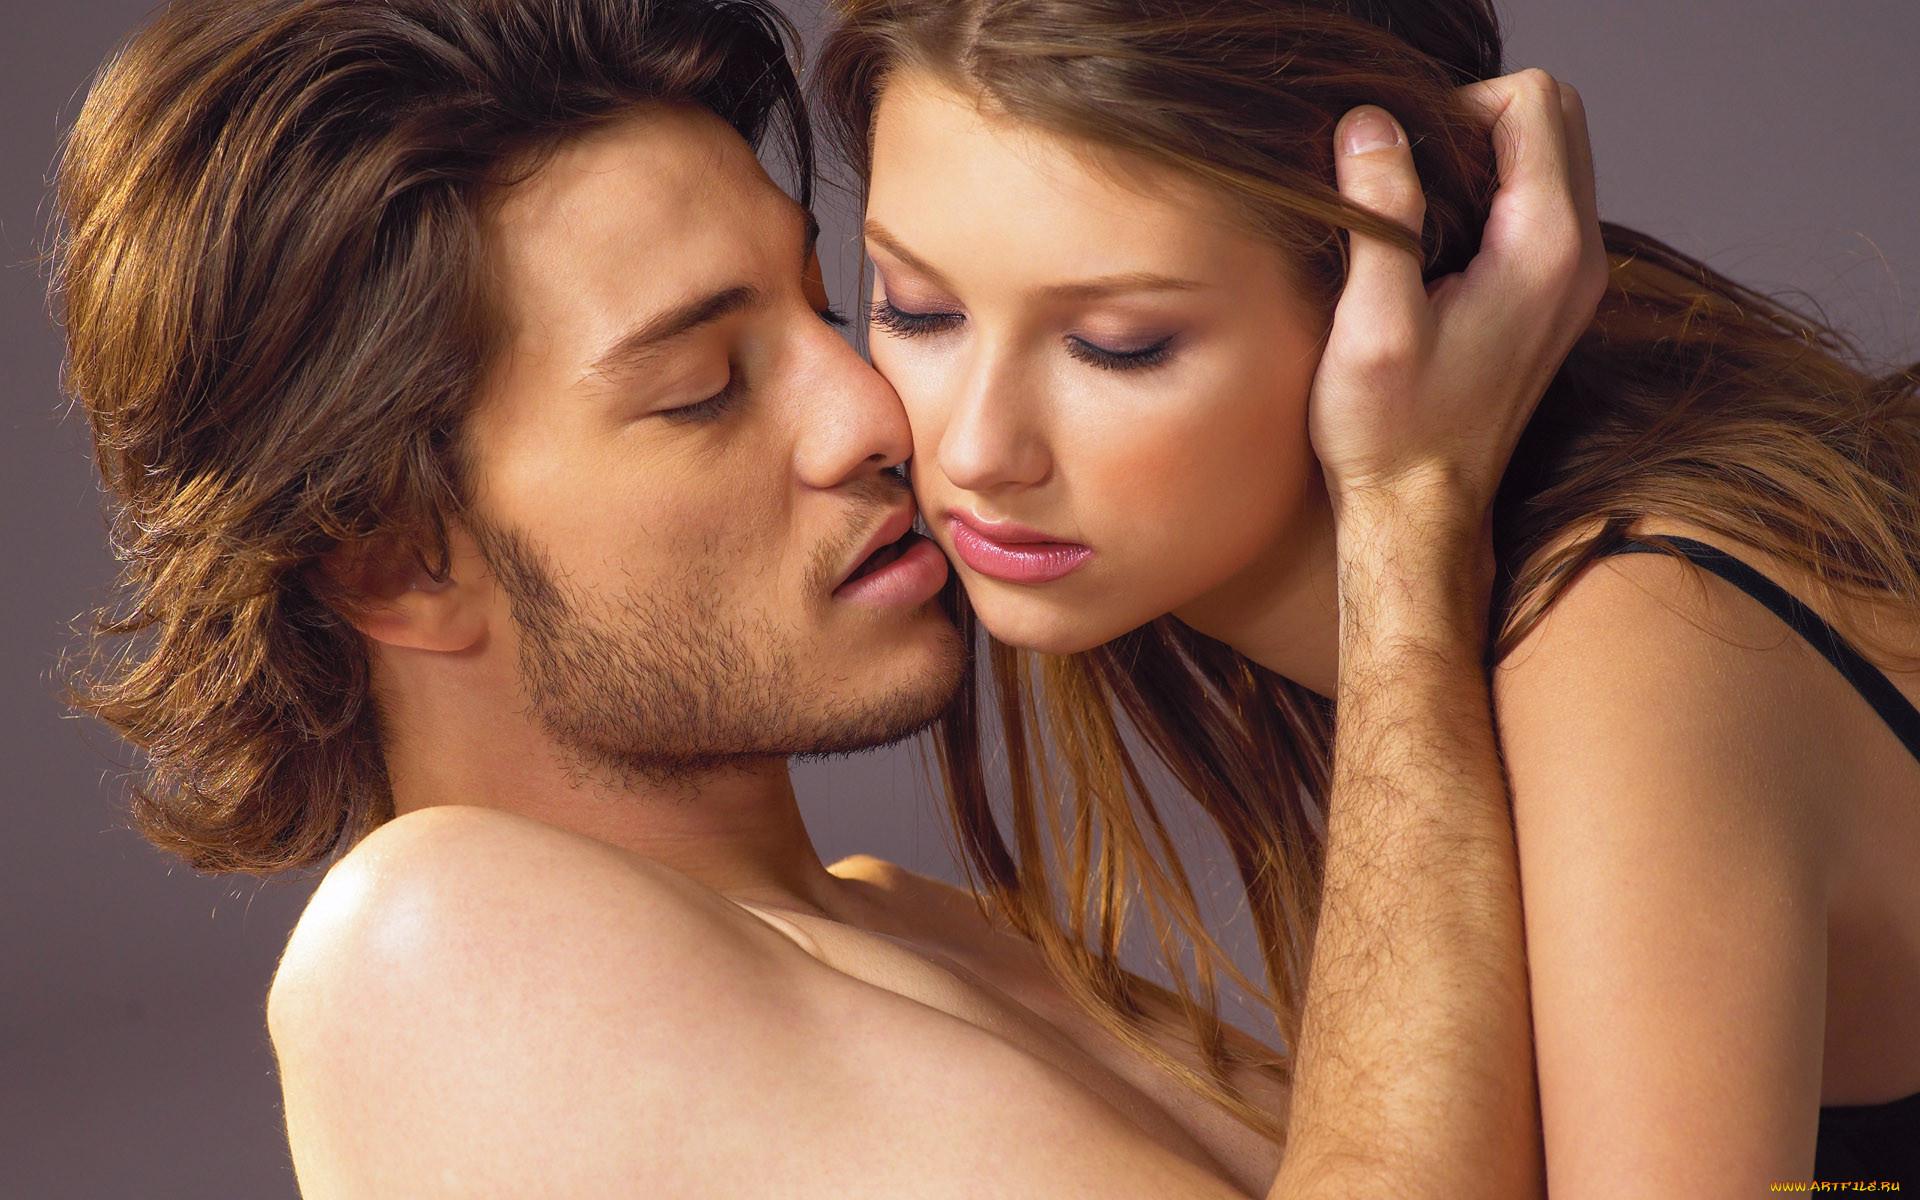 Фото прелюдии мужчины и женщины 5 фотография